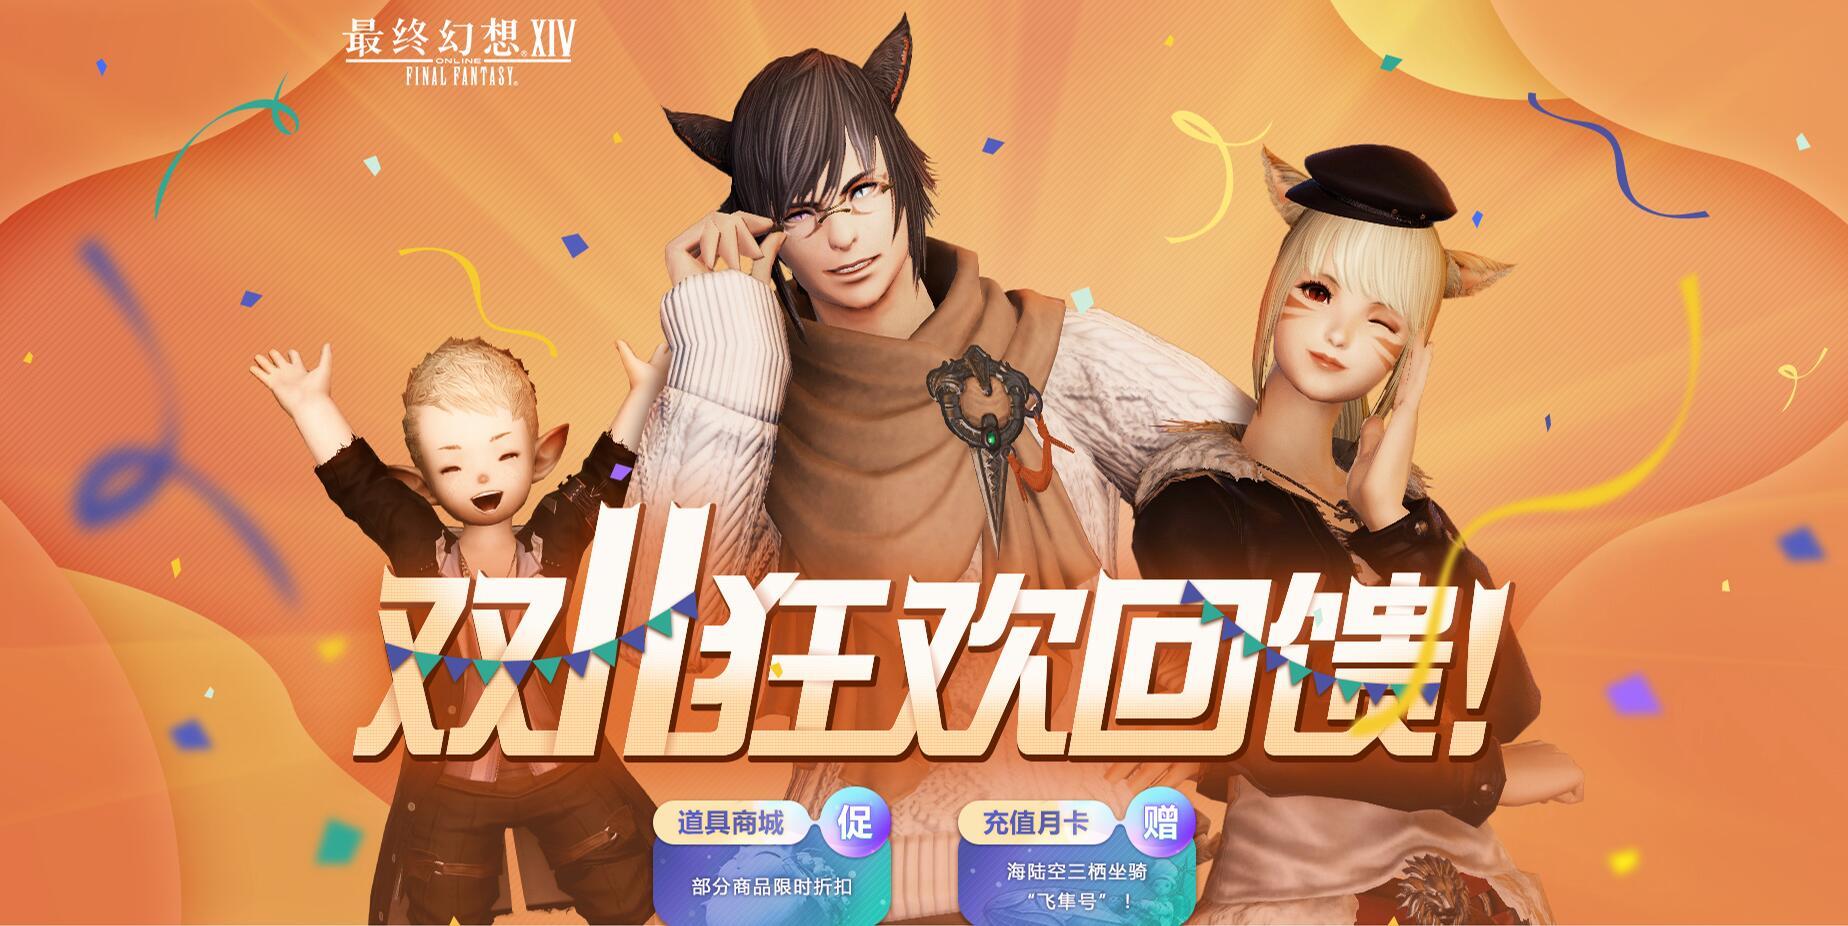 《最终幻想14》双十一狂欢回馈,部分商品限时折扣